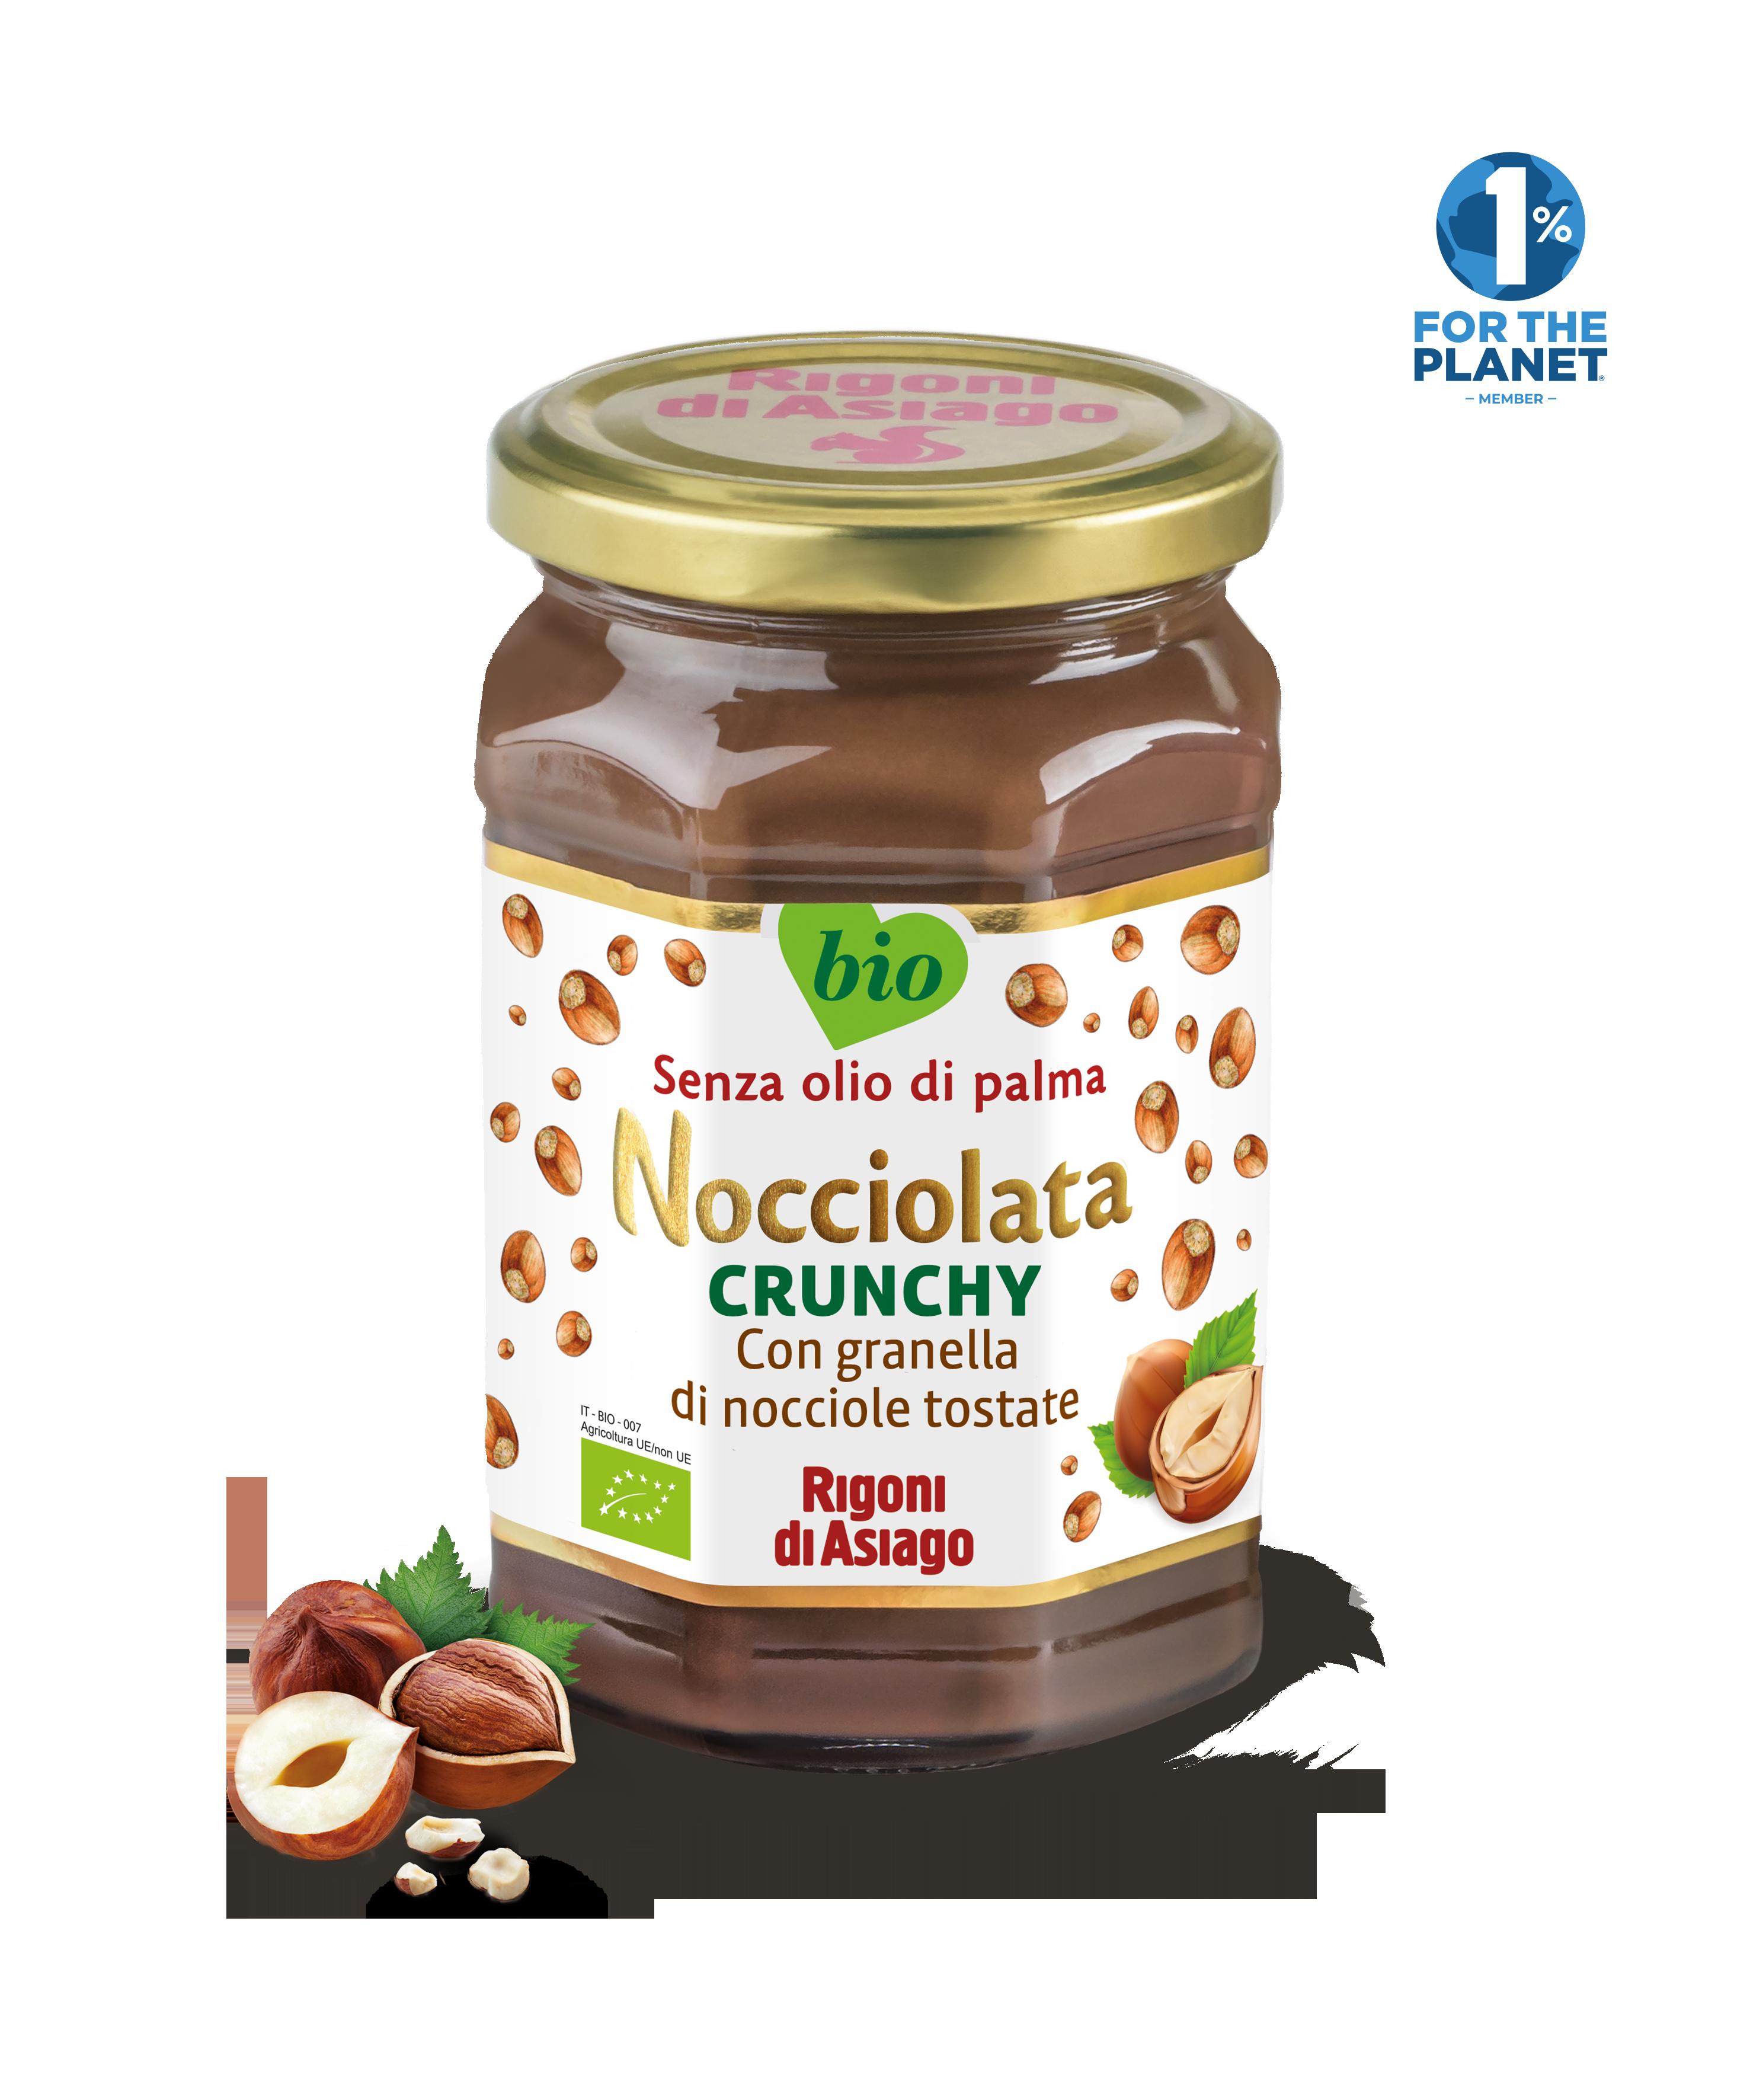 Nocciolata Crunchy